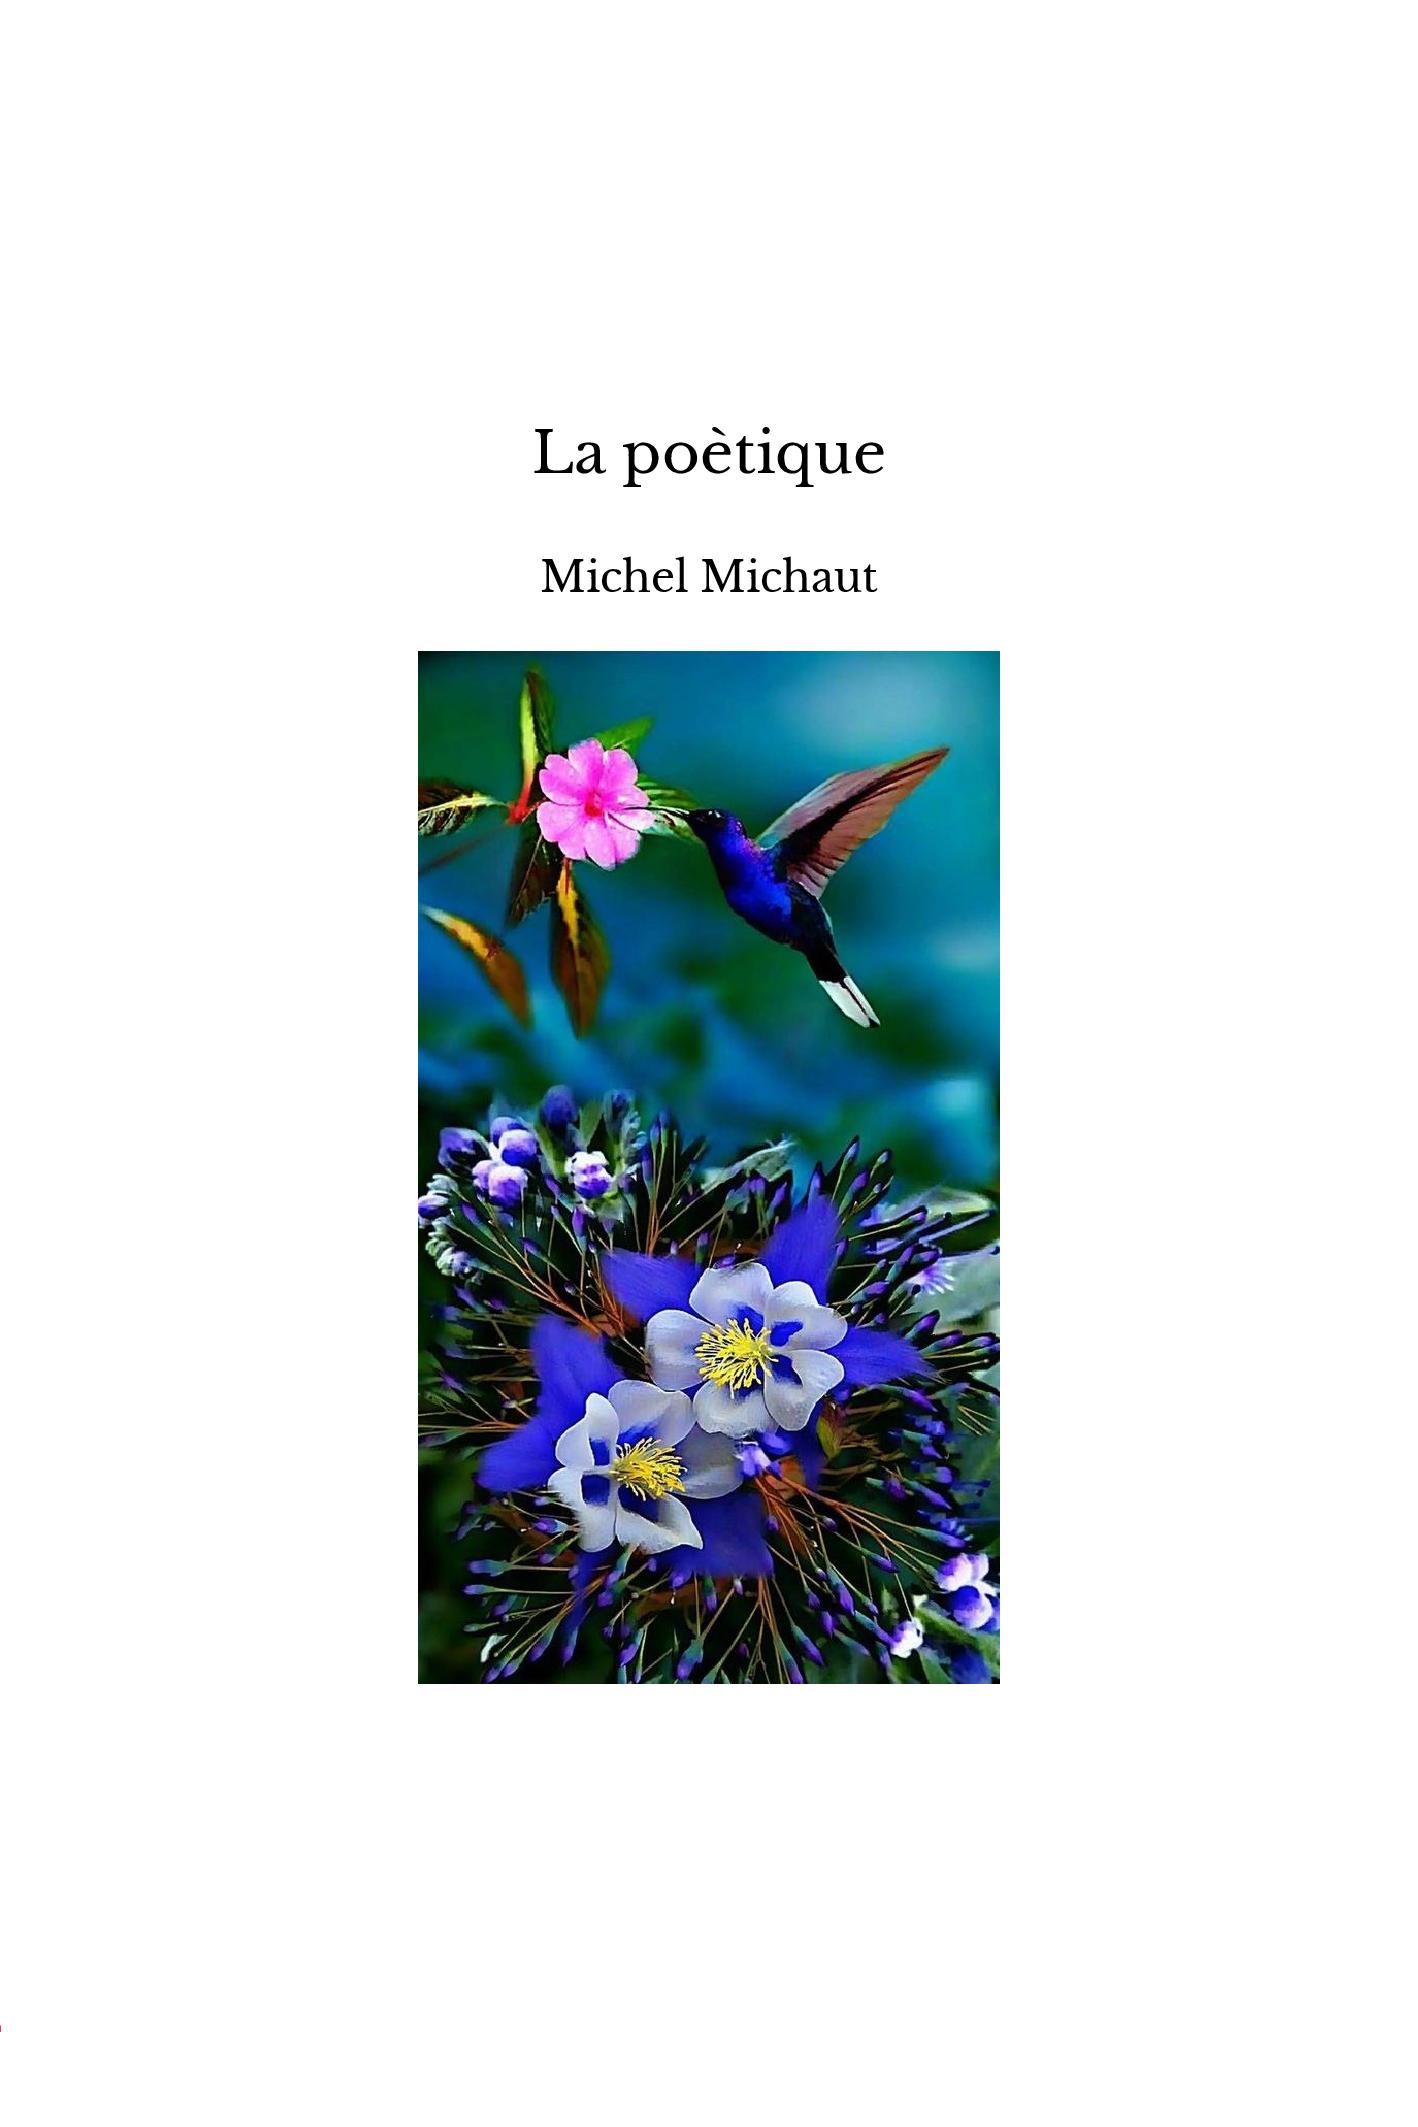 La poètique